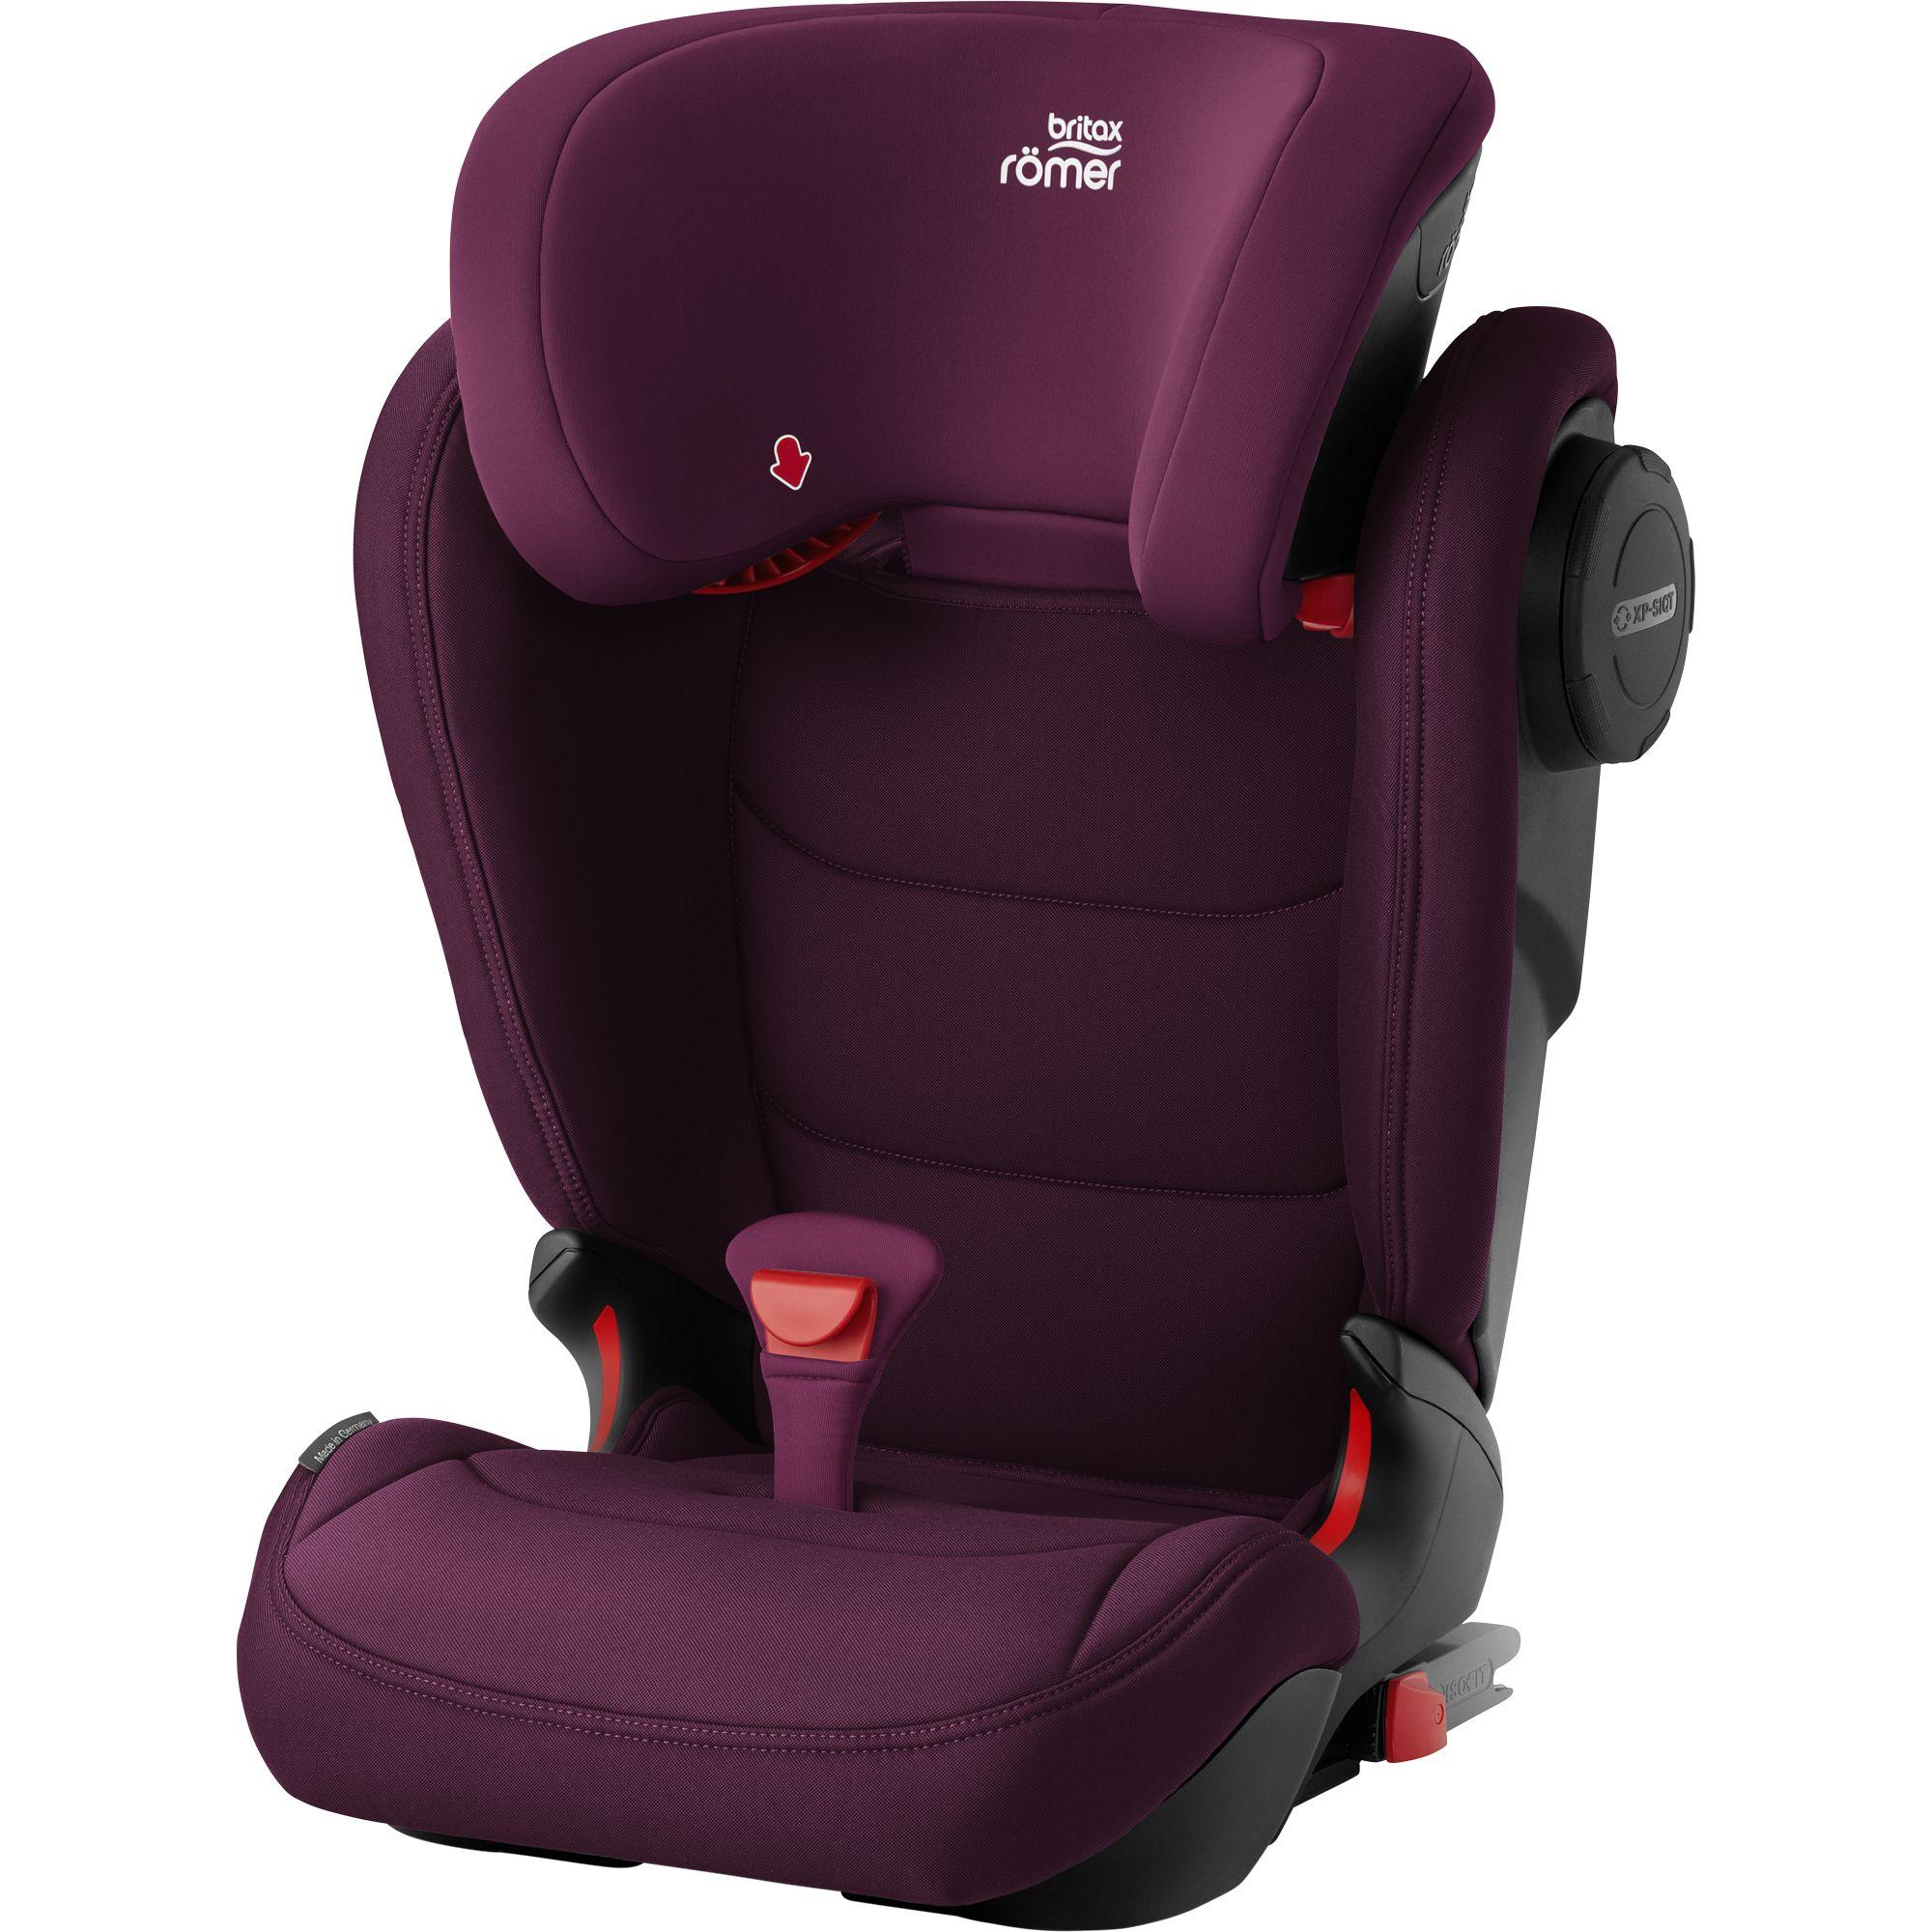 ROMER Kidfix III M Burgundy Red 2020